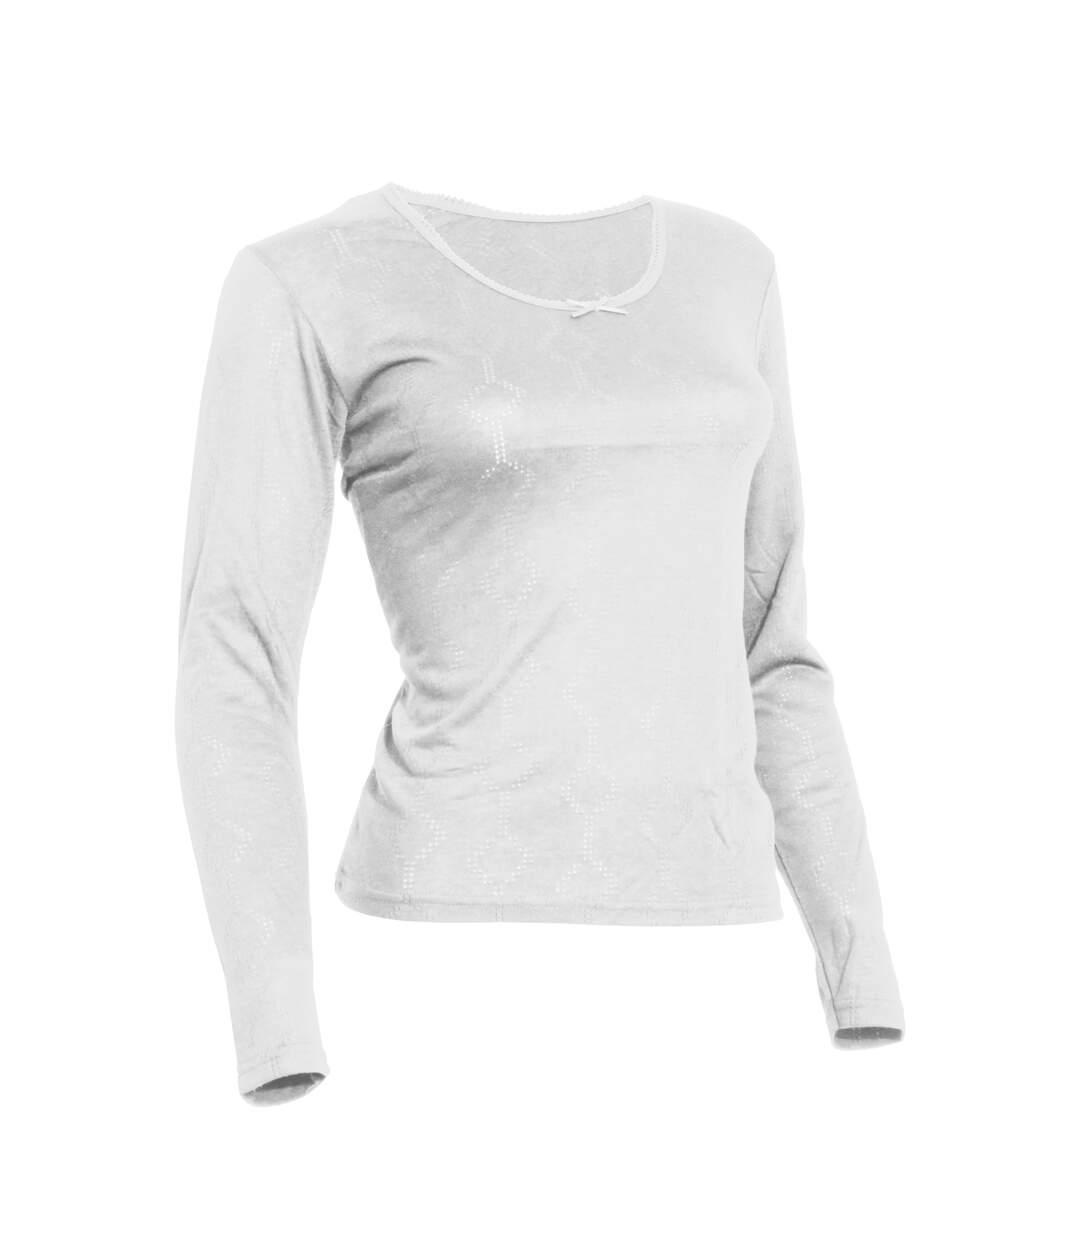 Floso - T-Shirt Thermique À Manches Longues - Femme (Blanc) - UTTHERM134